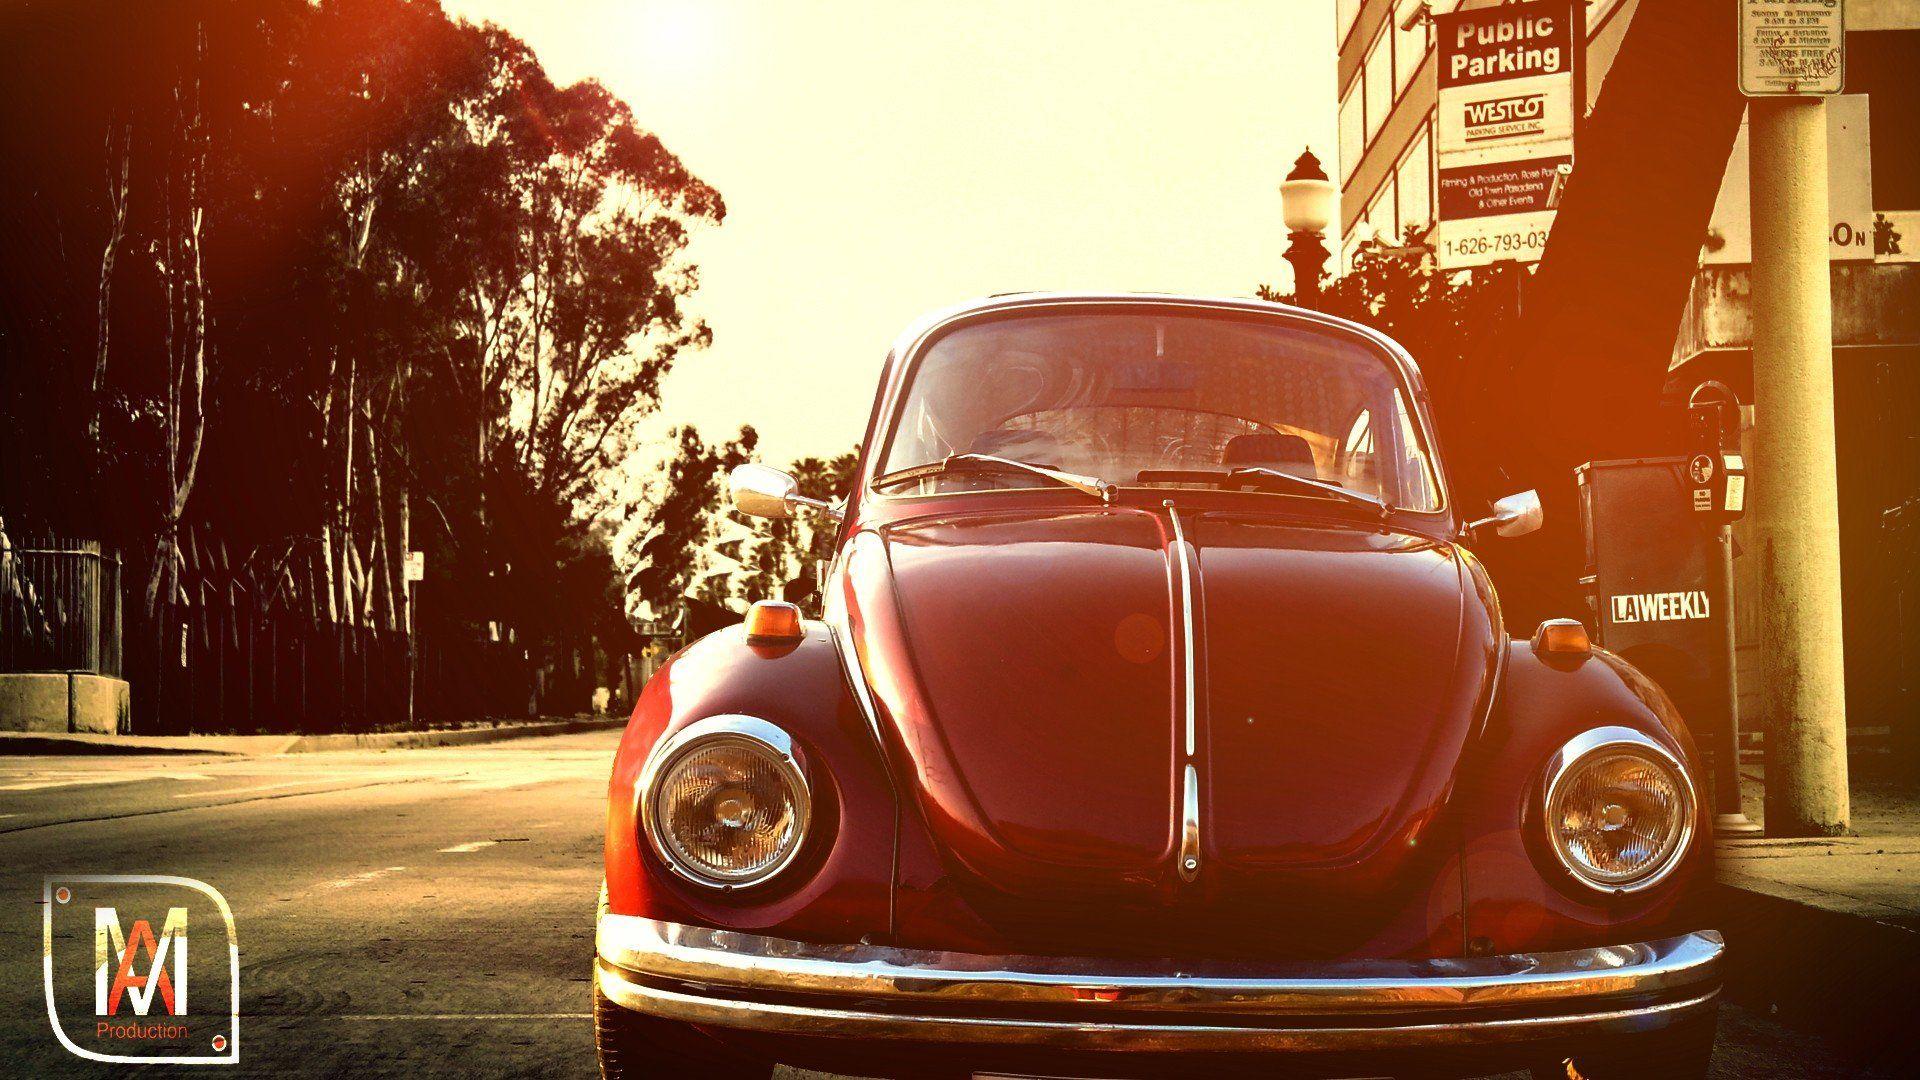 Volkswagen Beetle Wallpaper Mobile #GU1 | Cars | Pinterest | Beetles ...